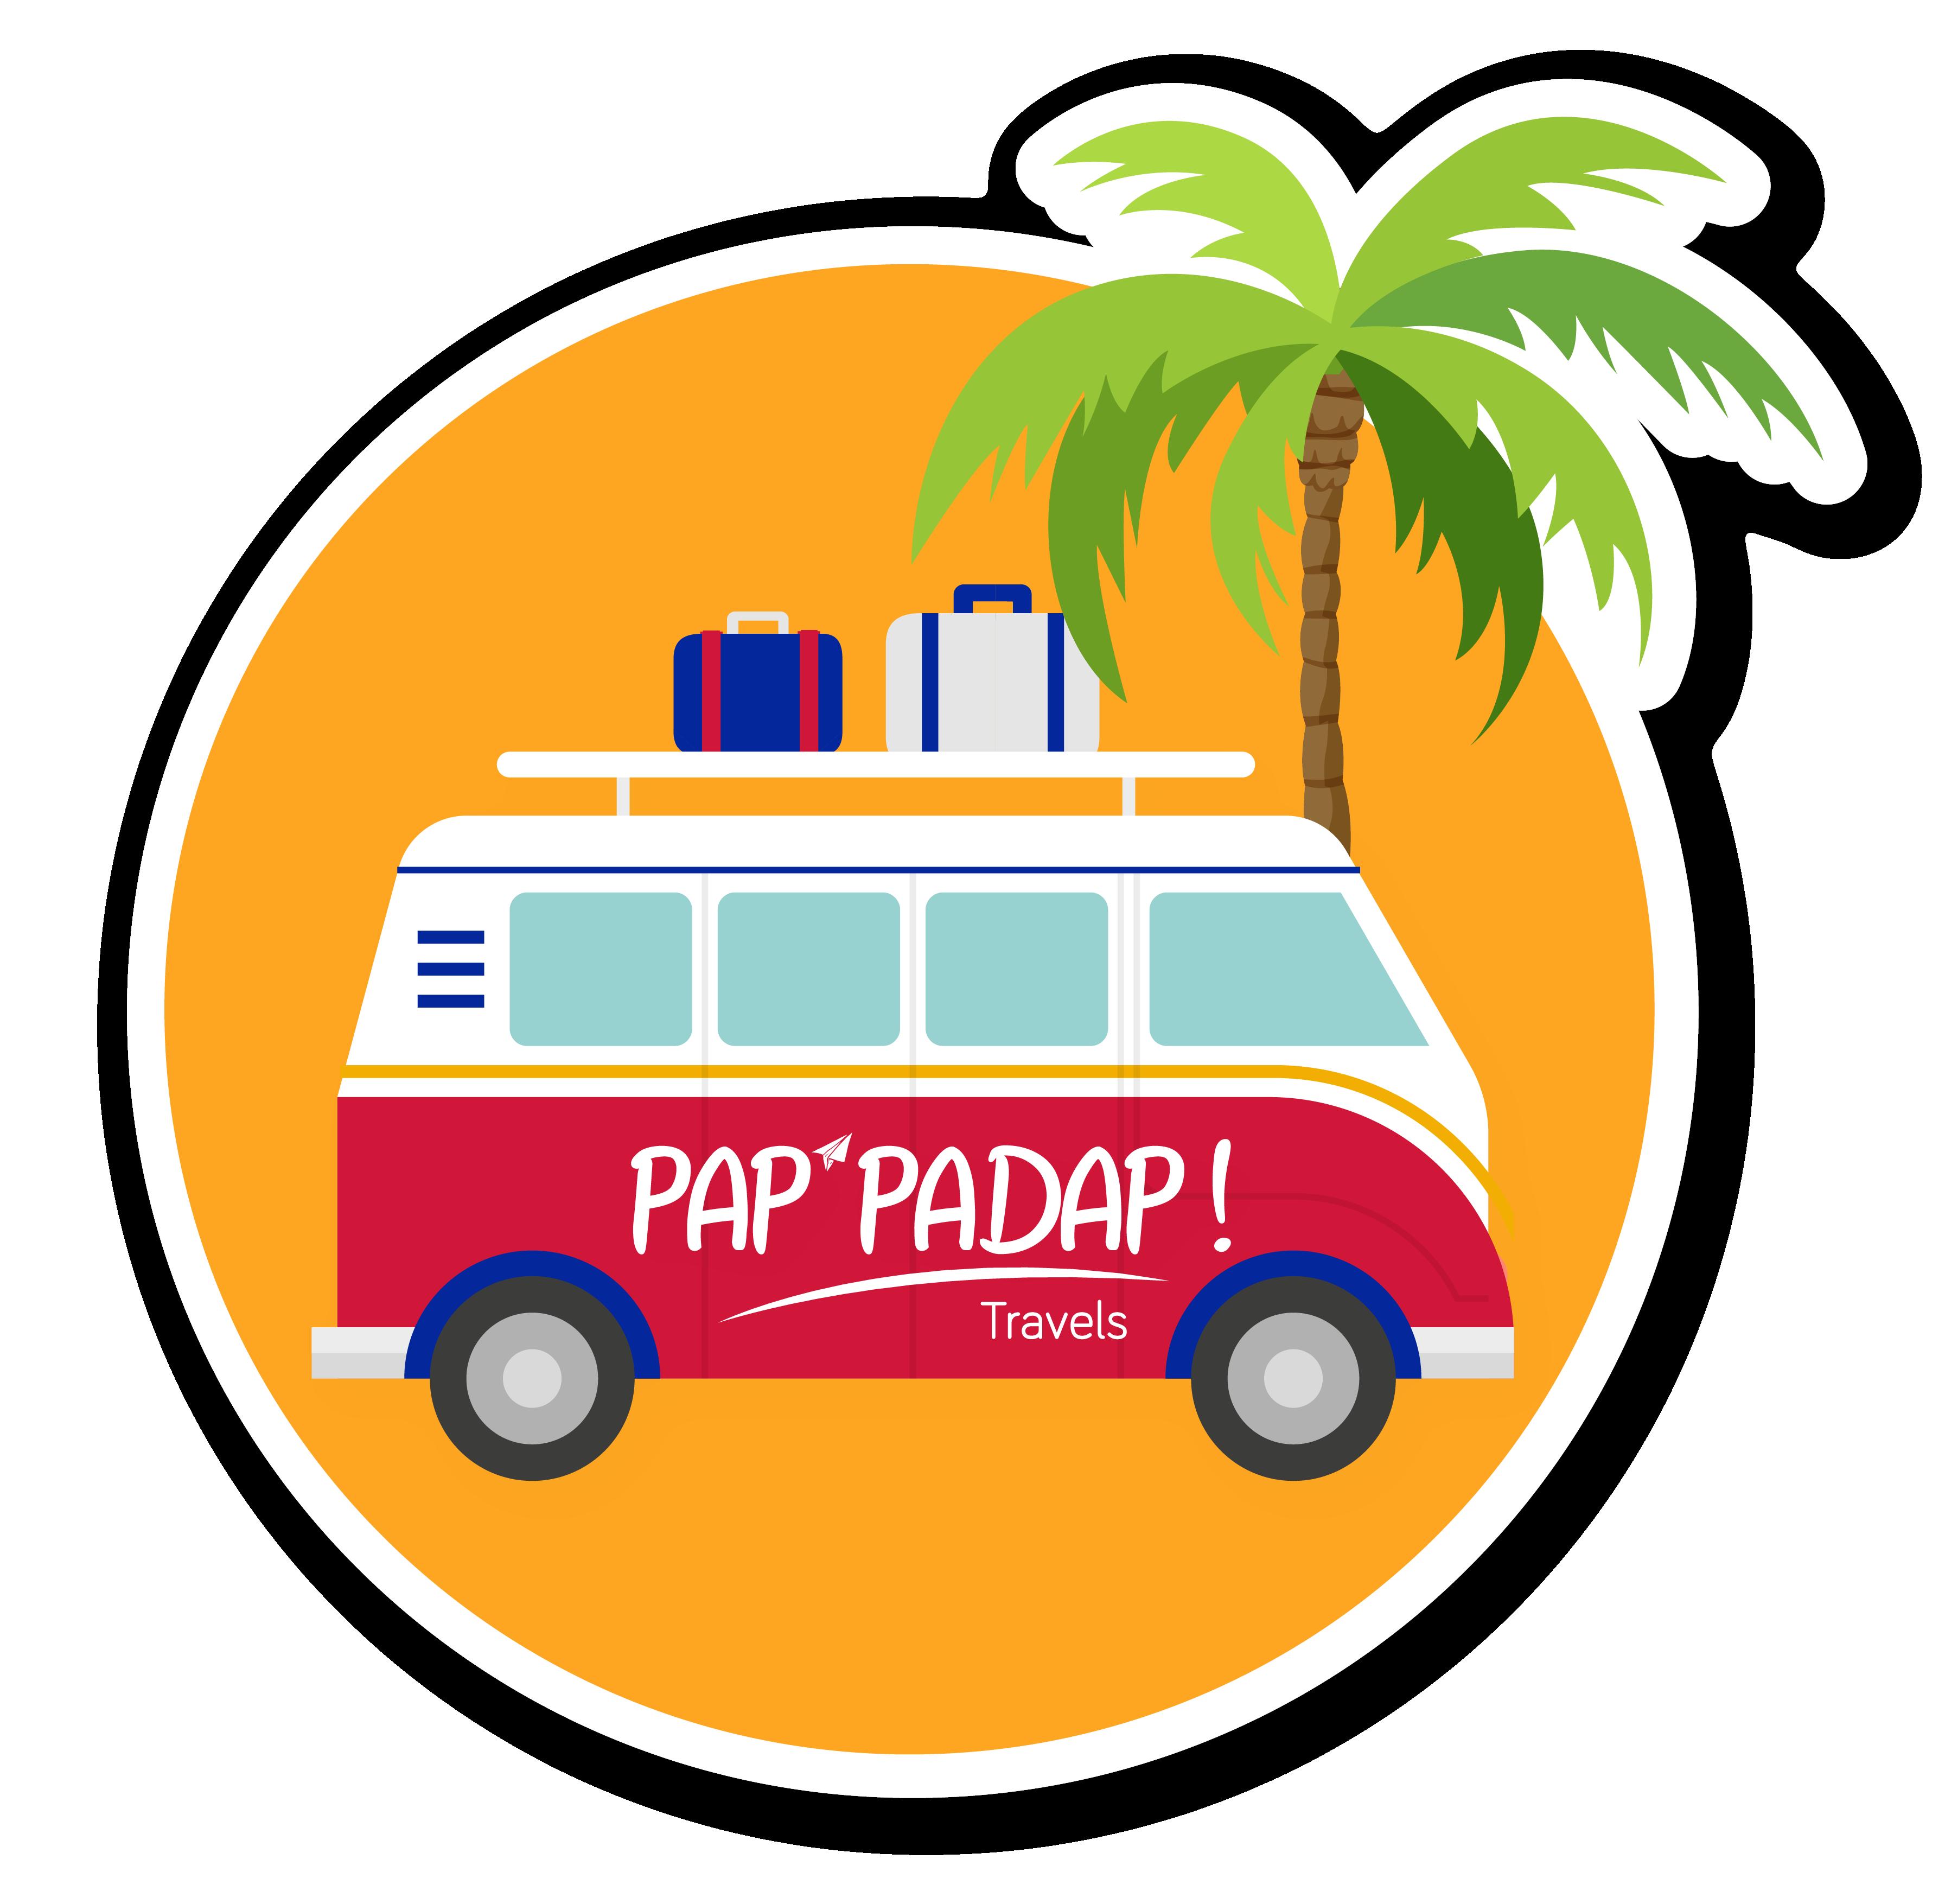 PAP'PADAP! Travels